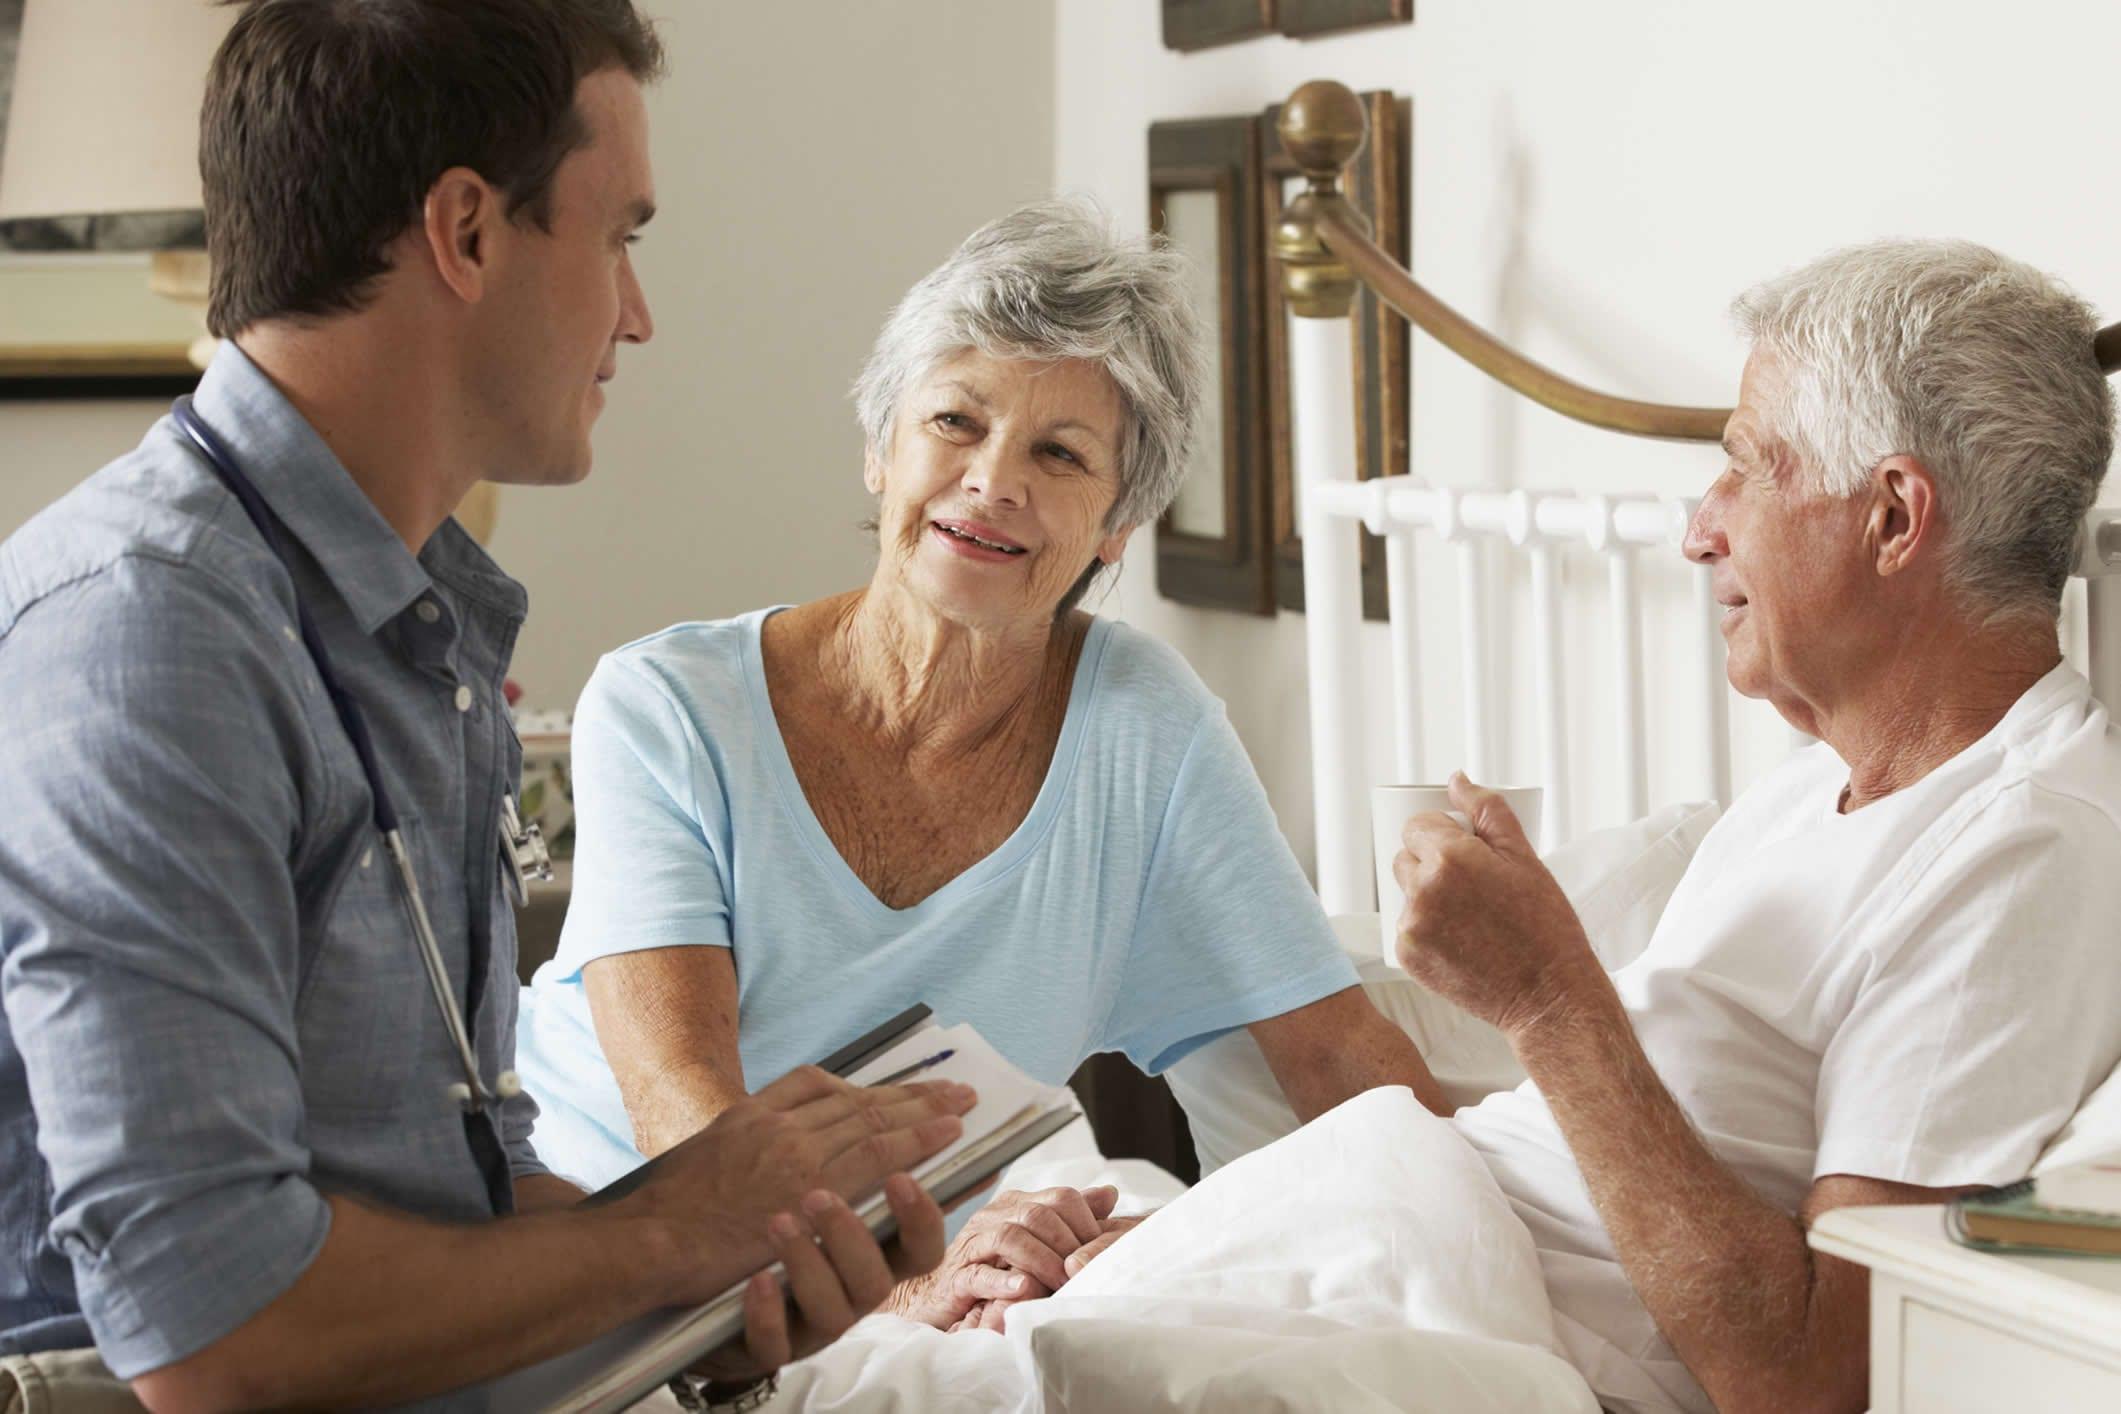 evde girişmsel hemşirelik hizmeti